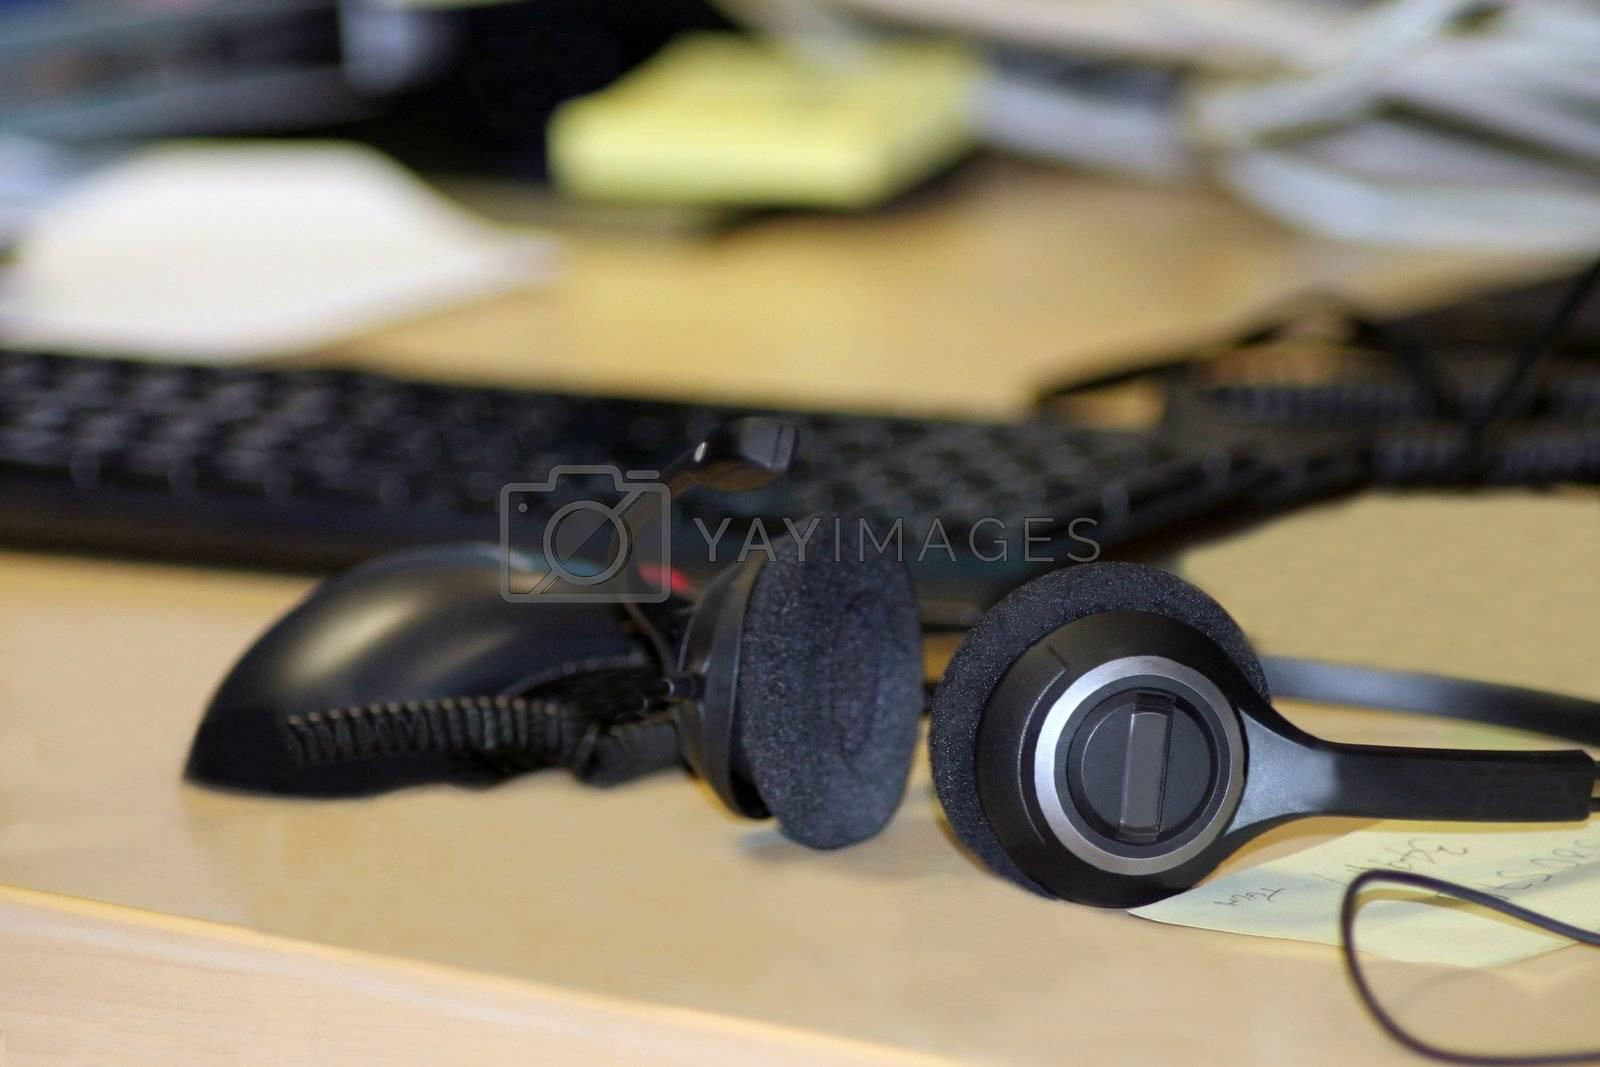 Headset on office desk by speedfighter